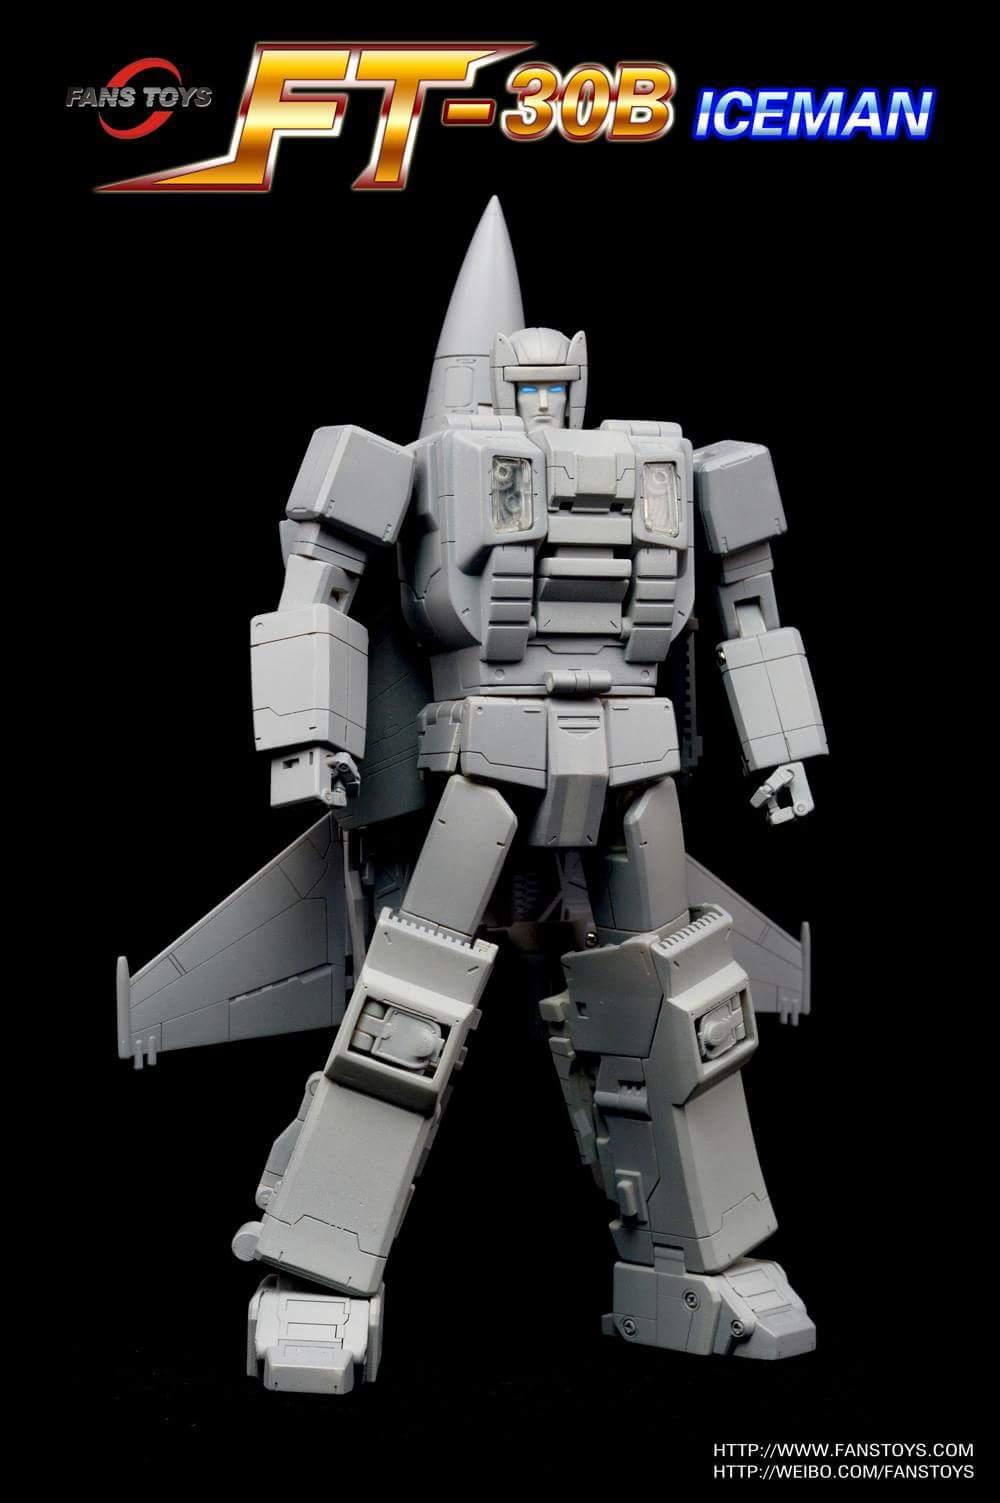 [Fanstoys] Produit Tiers - Jouet FT-30 Ethereaon (FT-30A à FT-30E) - aka Superion DVkKUte6_o